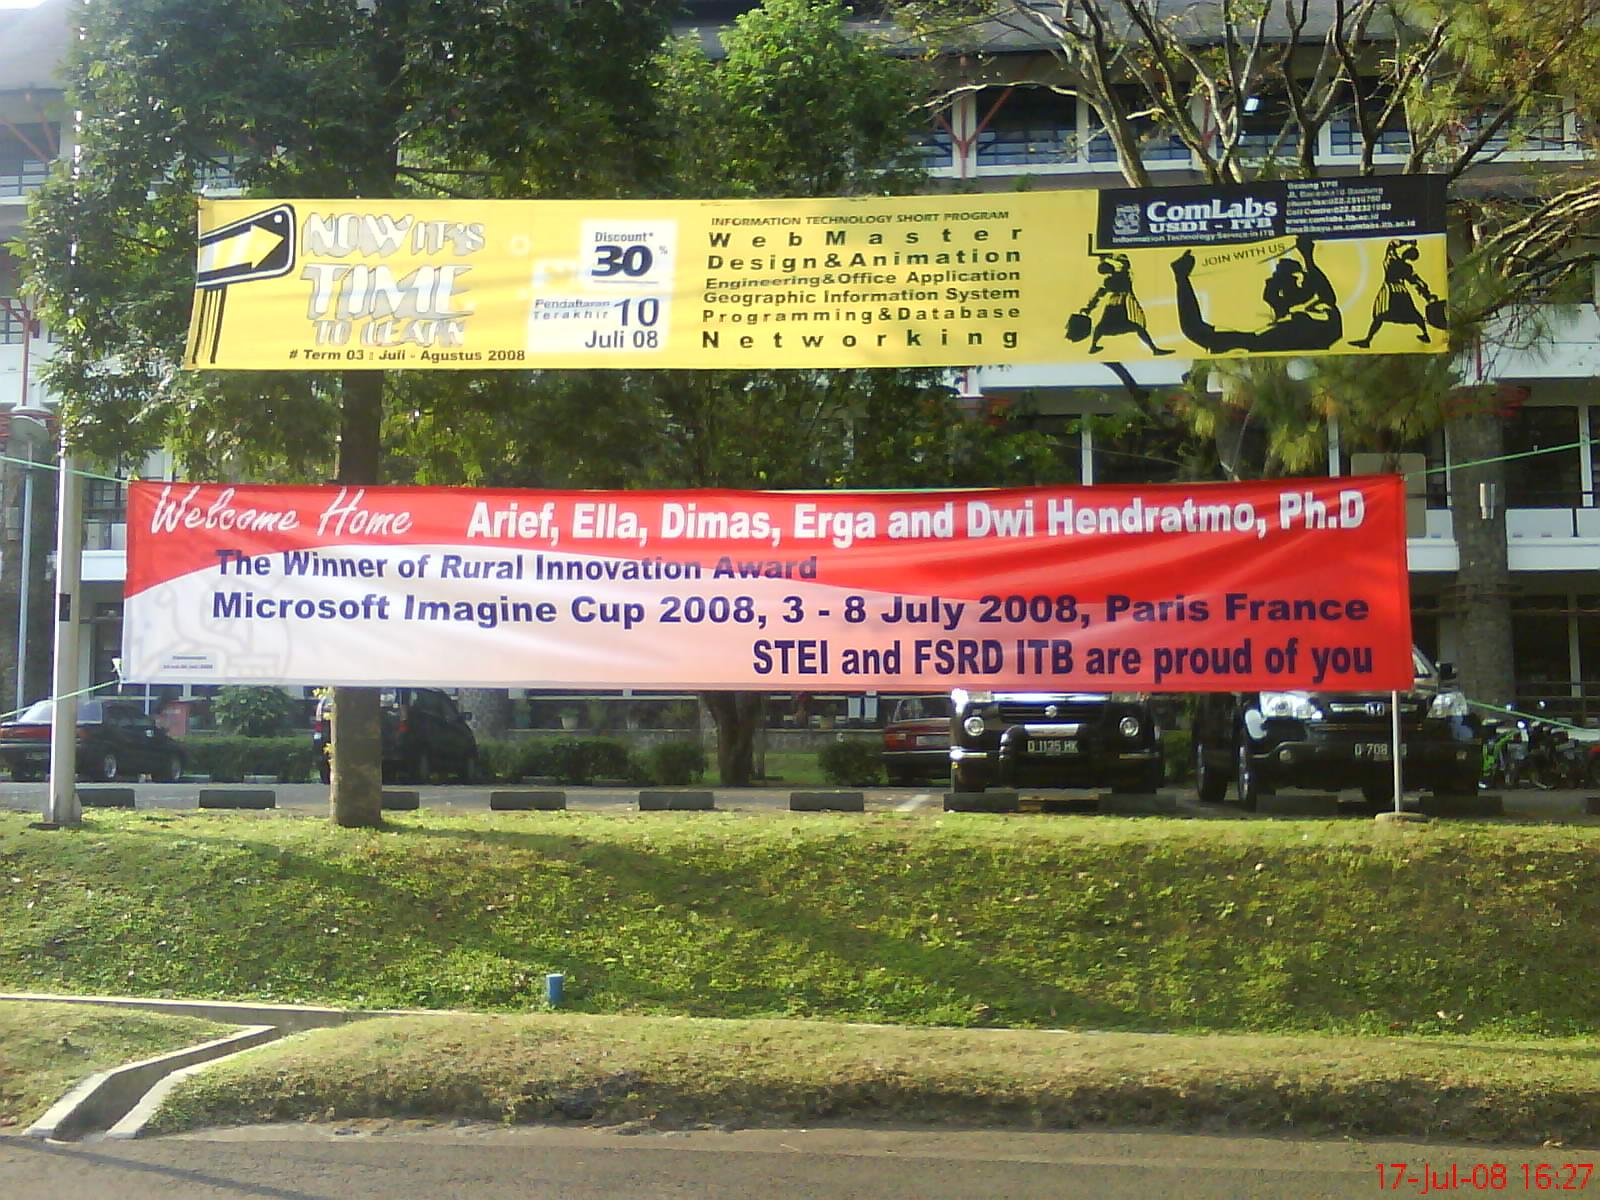 ... berada) juga terpasang spanduk ucapan selamat datang ( welcome home